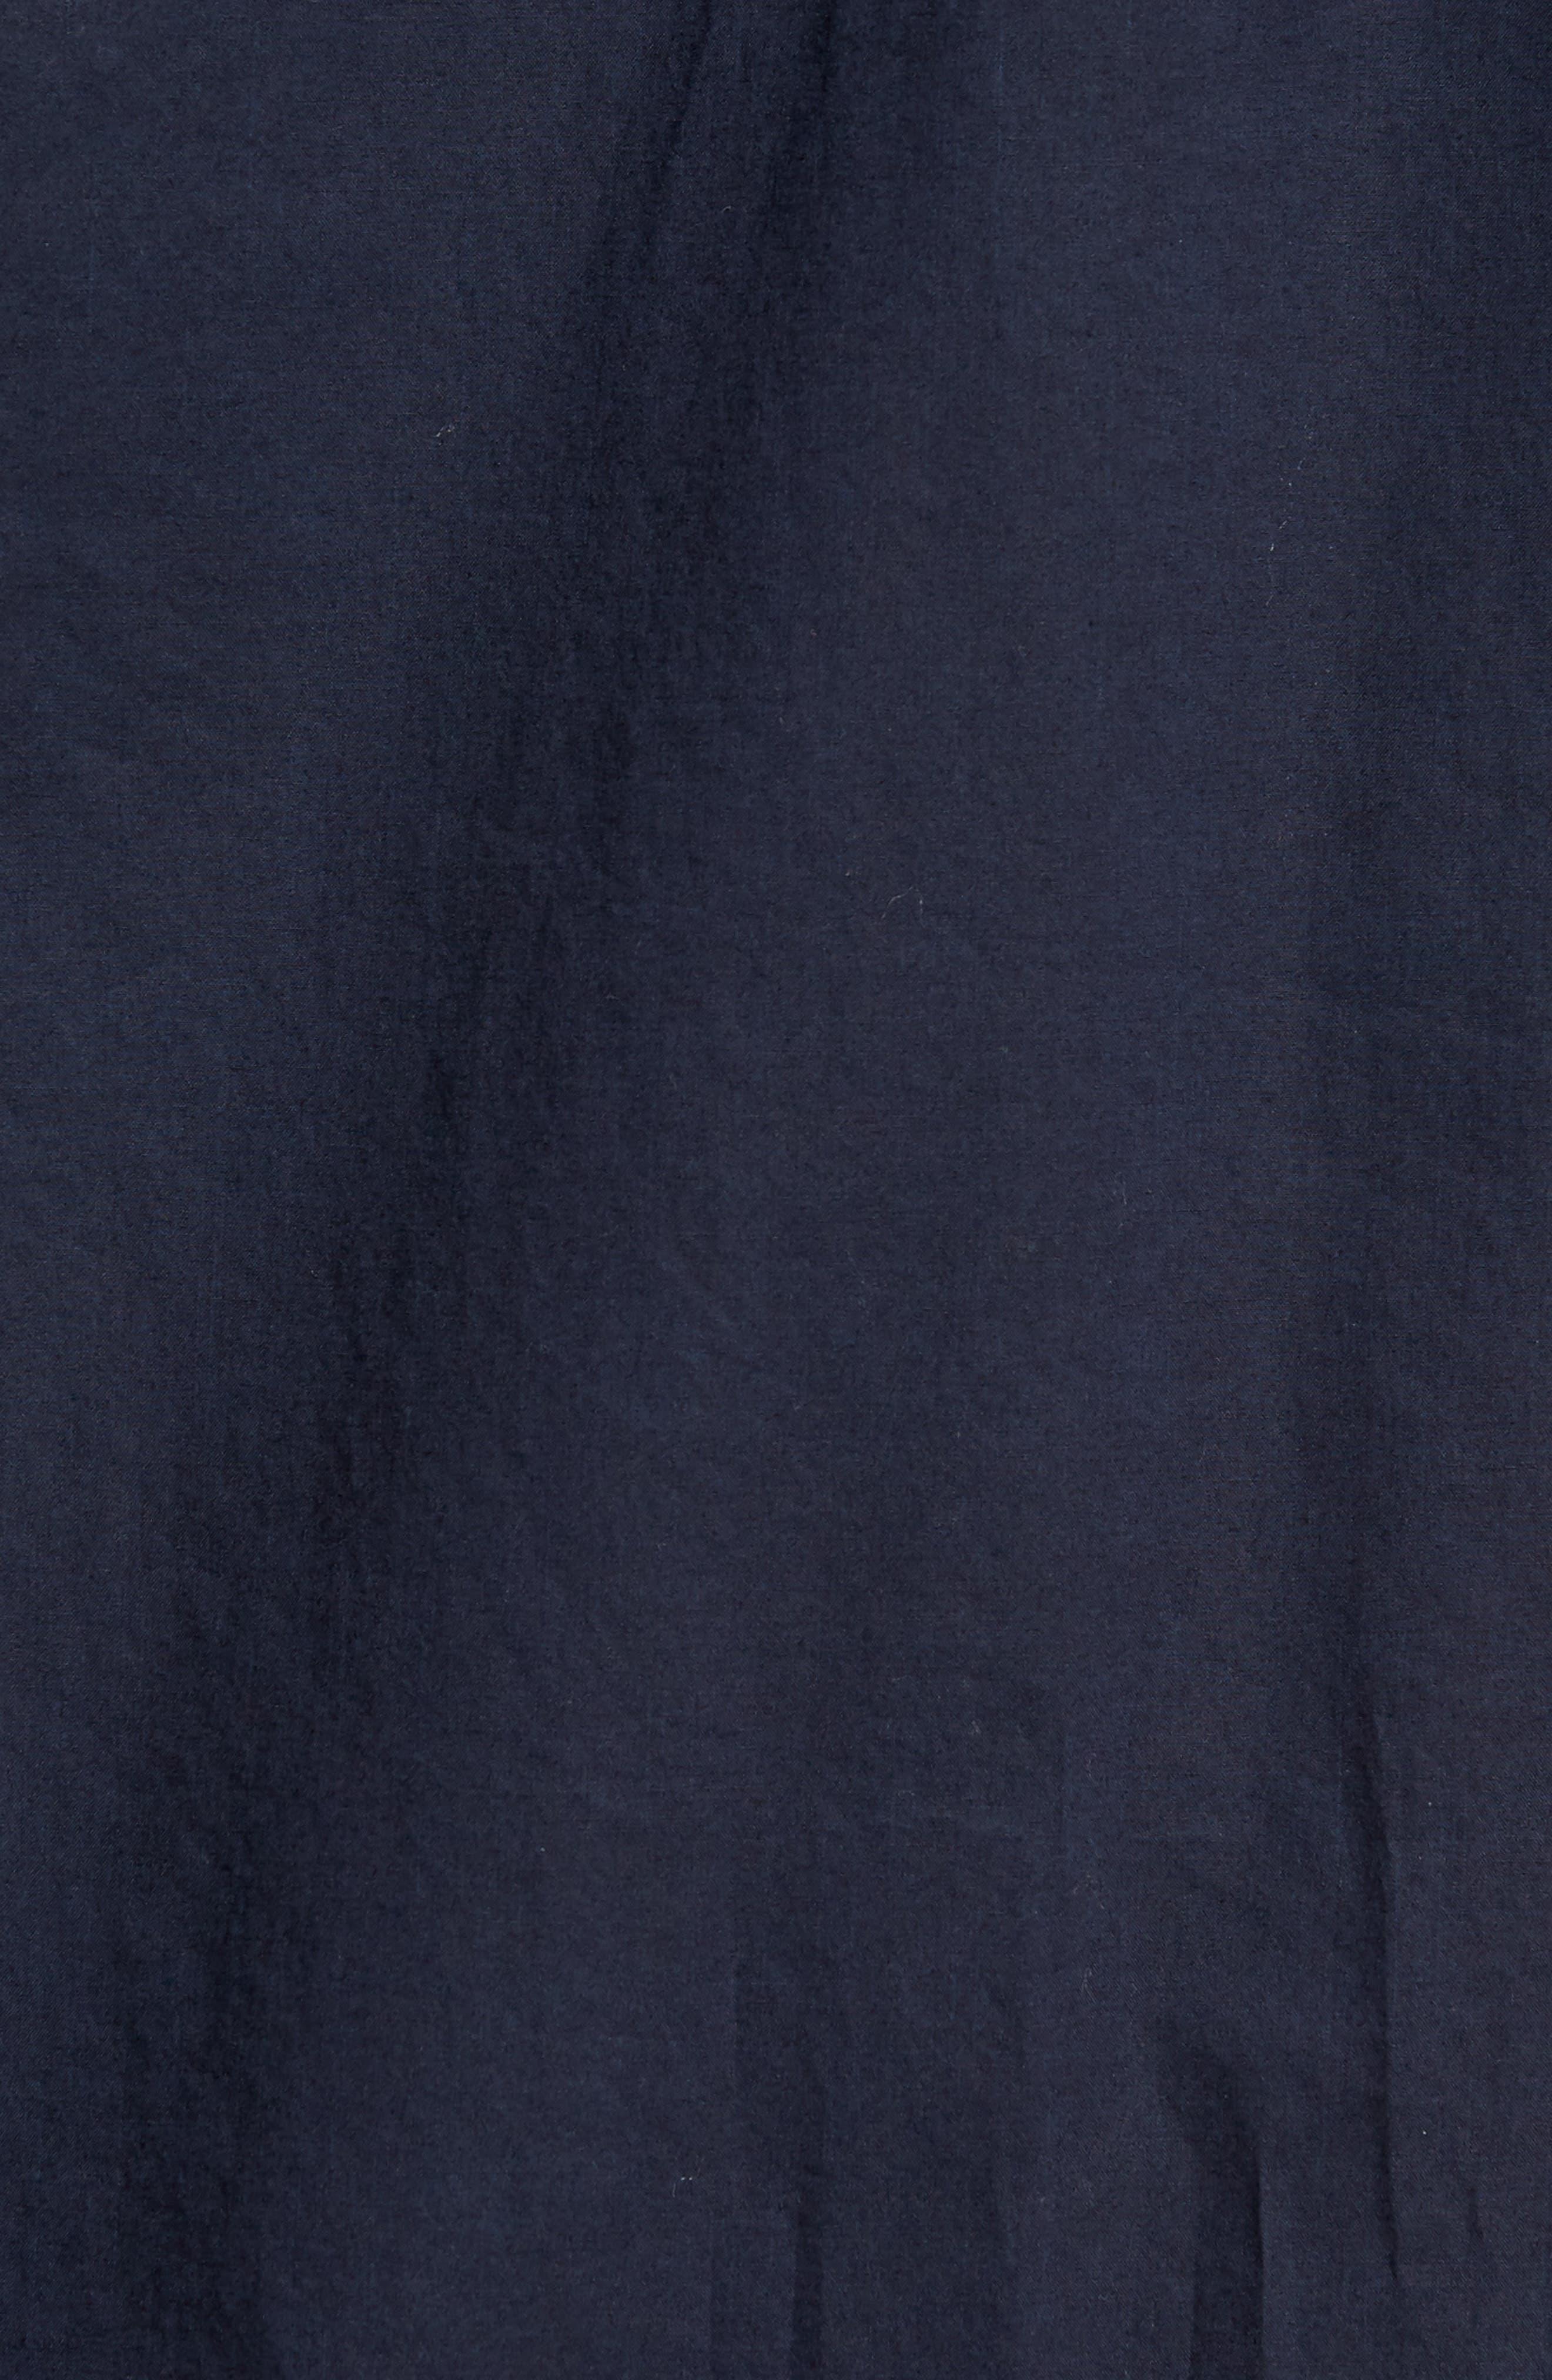 Eynold Oversized Short Sleeve Sport Shirt,                             Alternate thumbnail 5, color,                             413